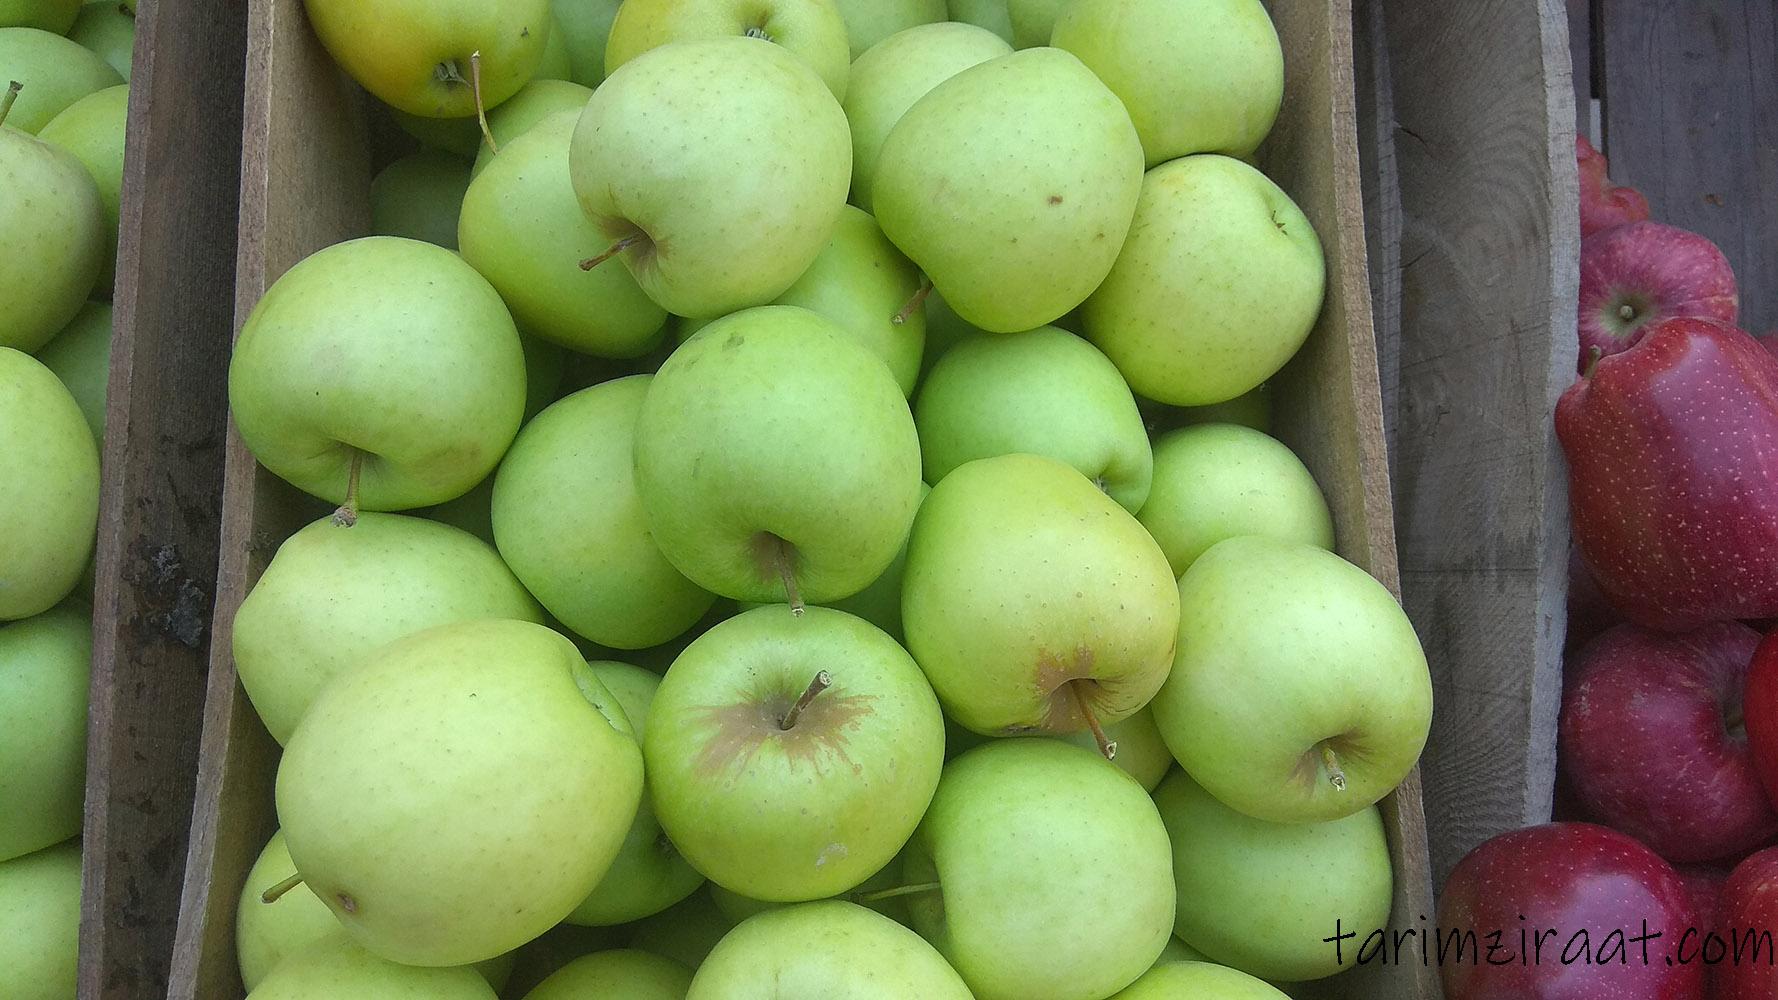 Elma fiyatları,Elma piyasası, Elma resmi